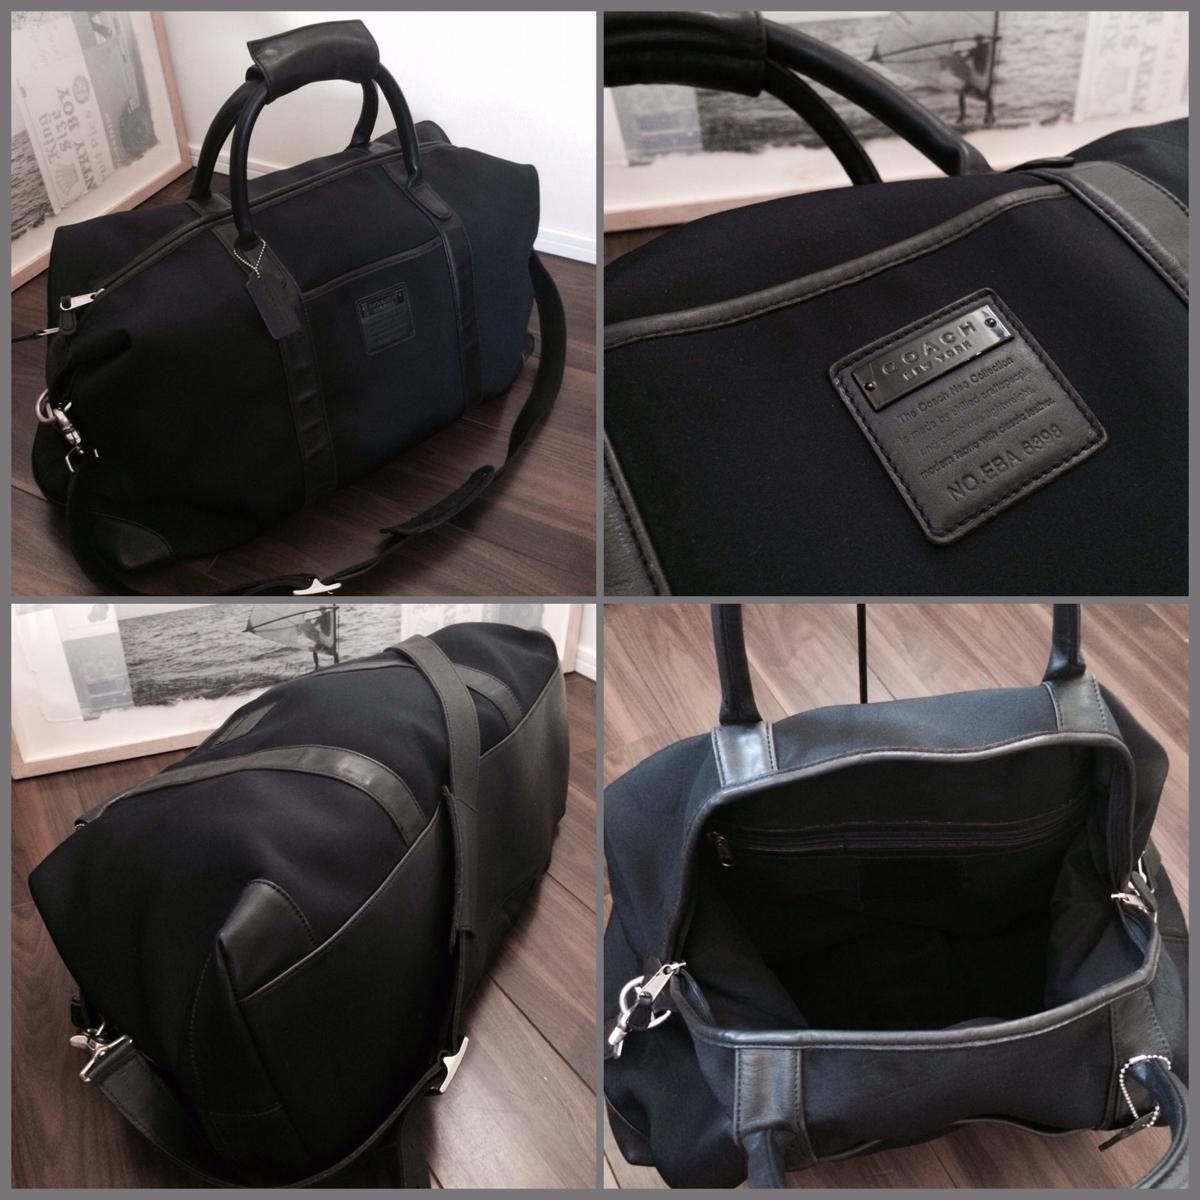 【正規品】COACH コーチ メンズ 2WAYボストンバッグ 旅行鞄 ショルダー ハンド 1000円~ 最落なし!!_画像3